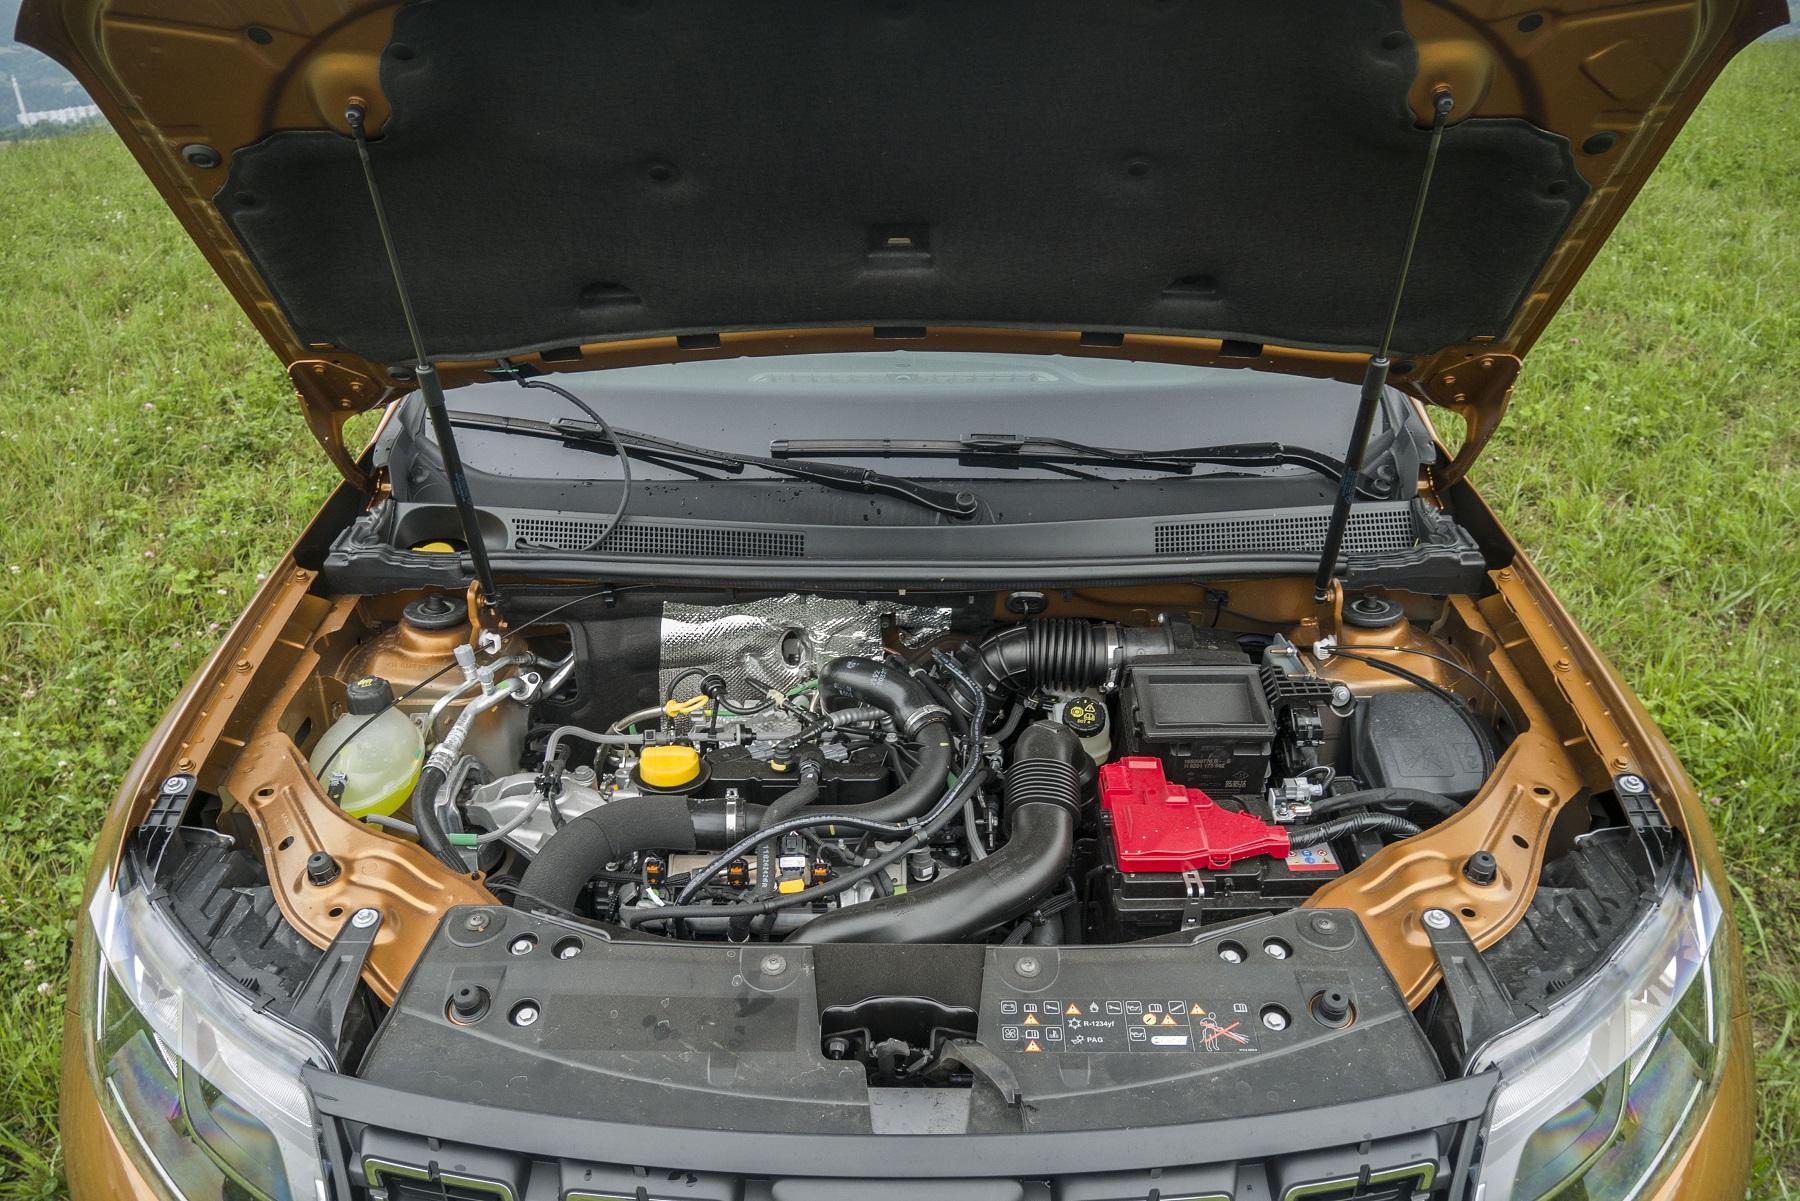 Prehrievanie motora: Kde sa skrýva problém?